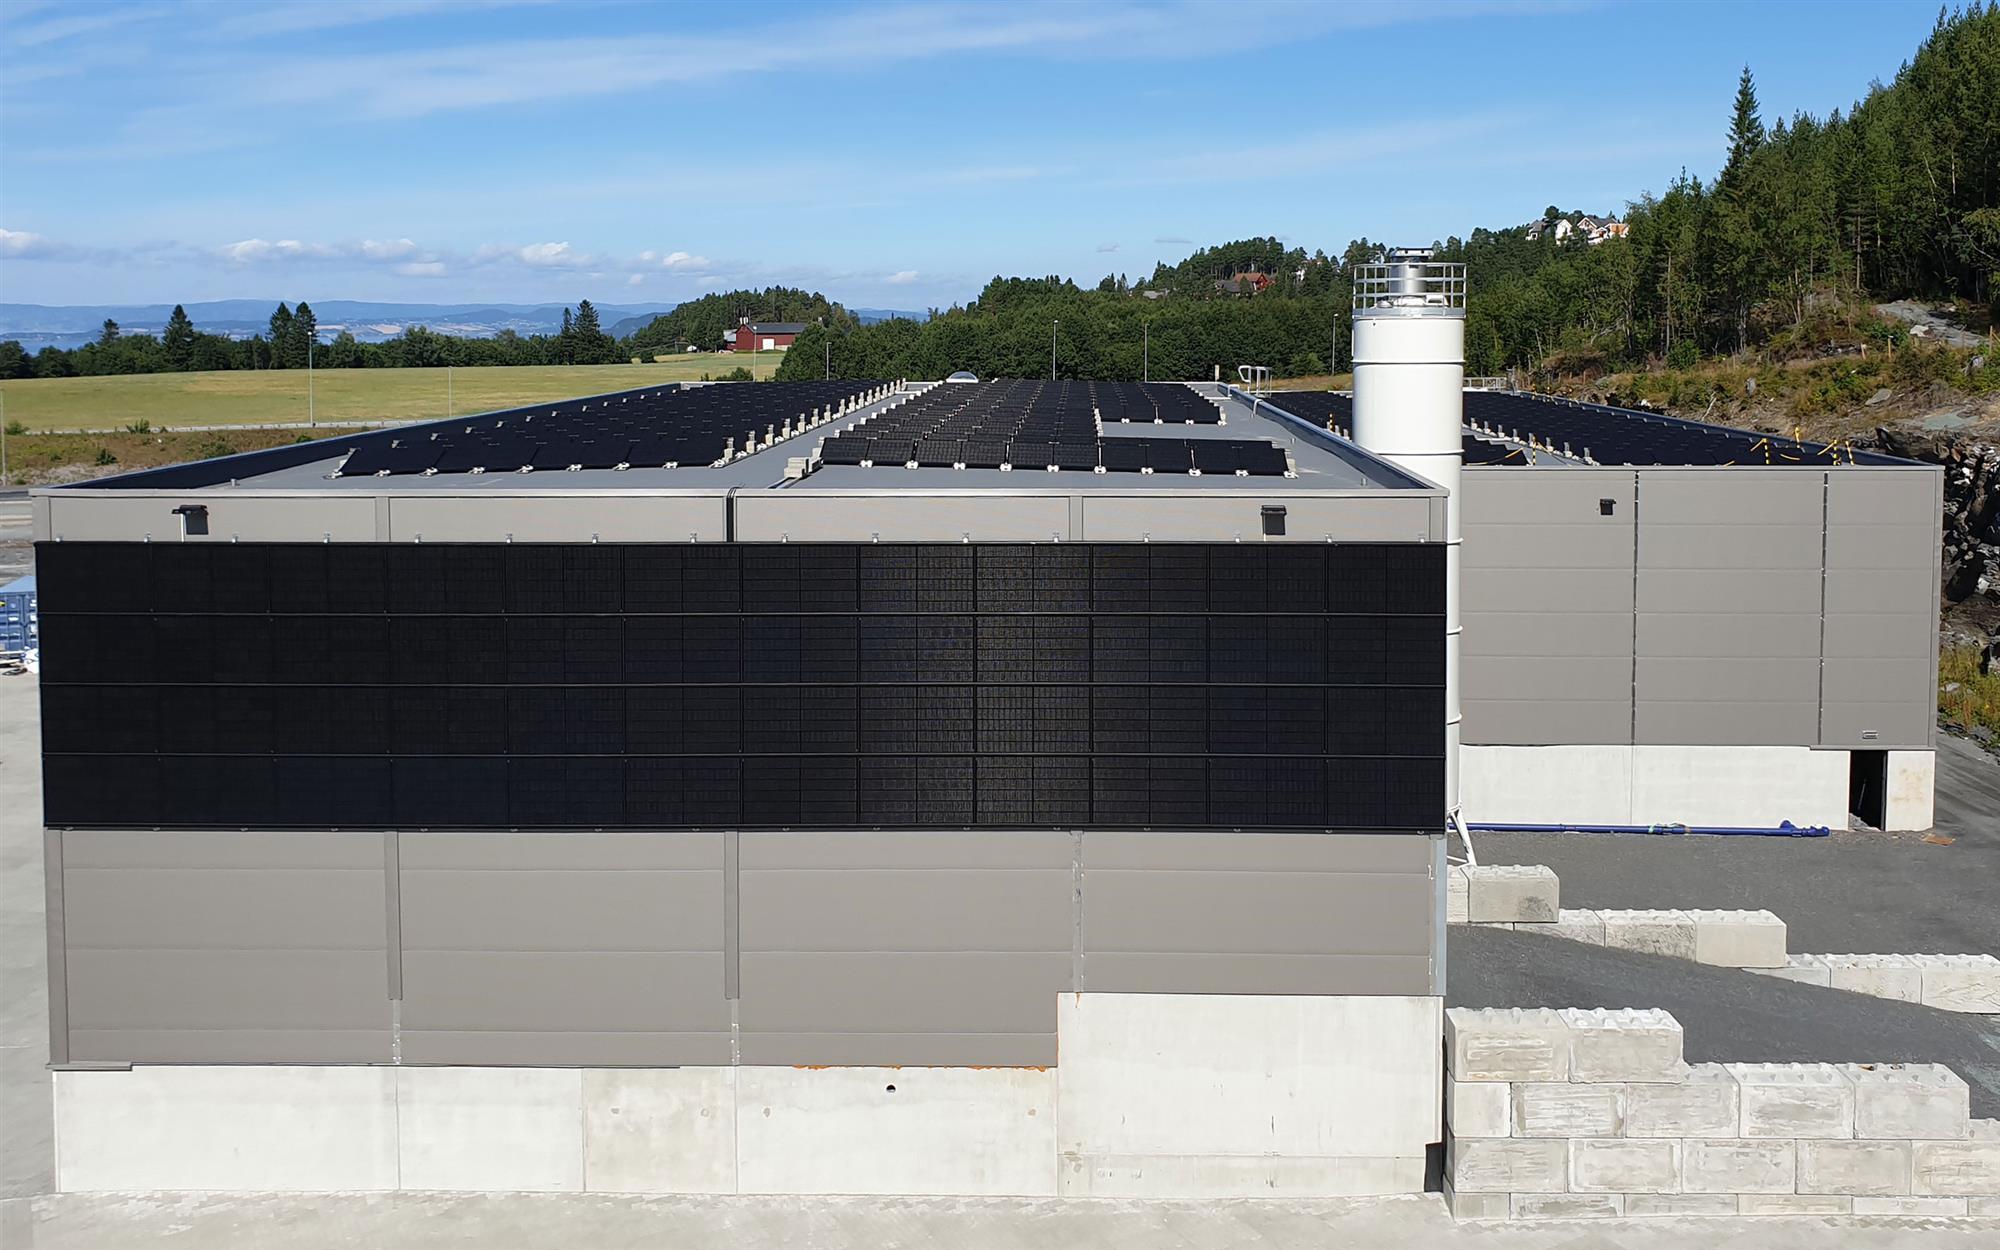 Solcelleanlegg på fabrikkbygning